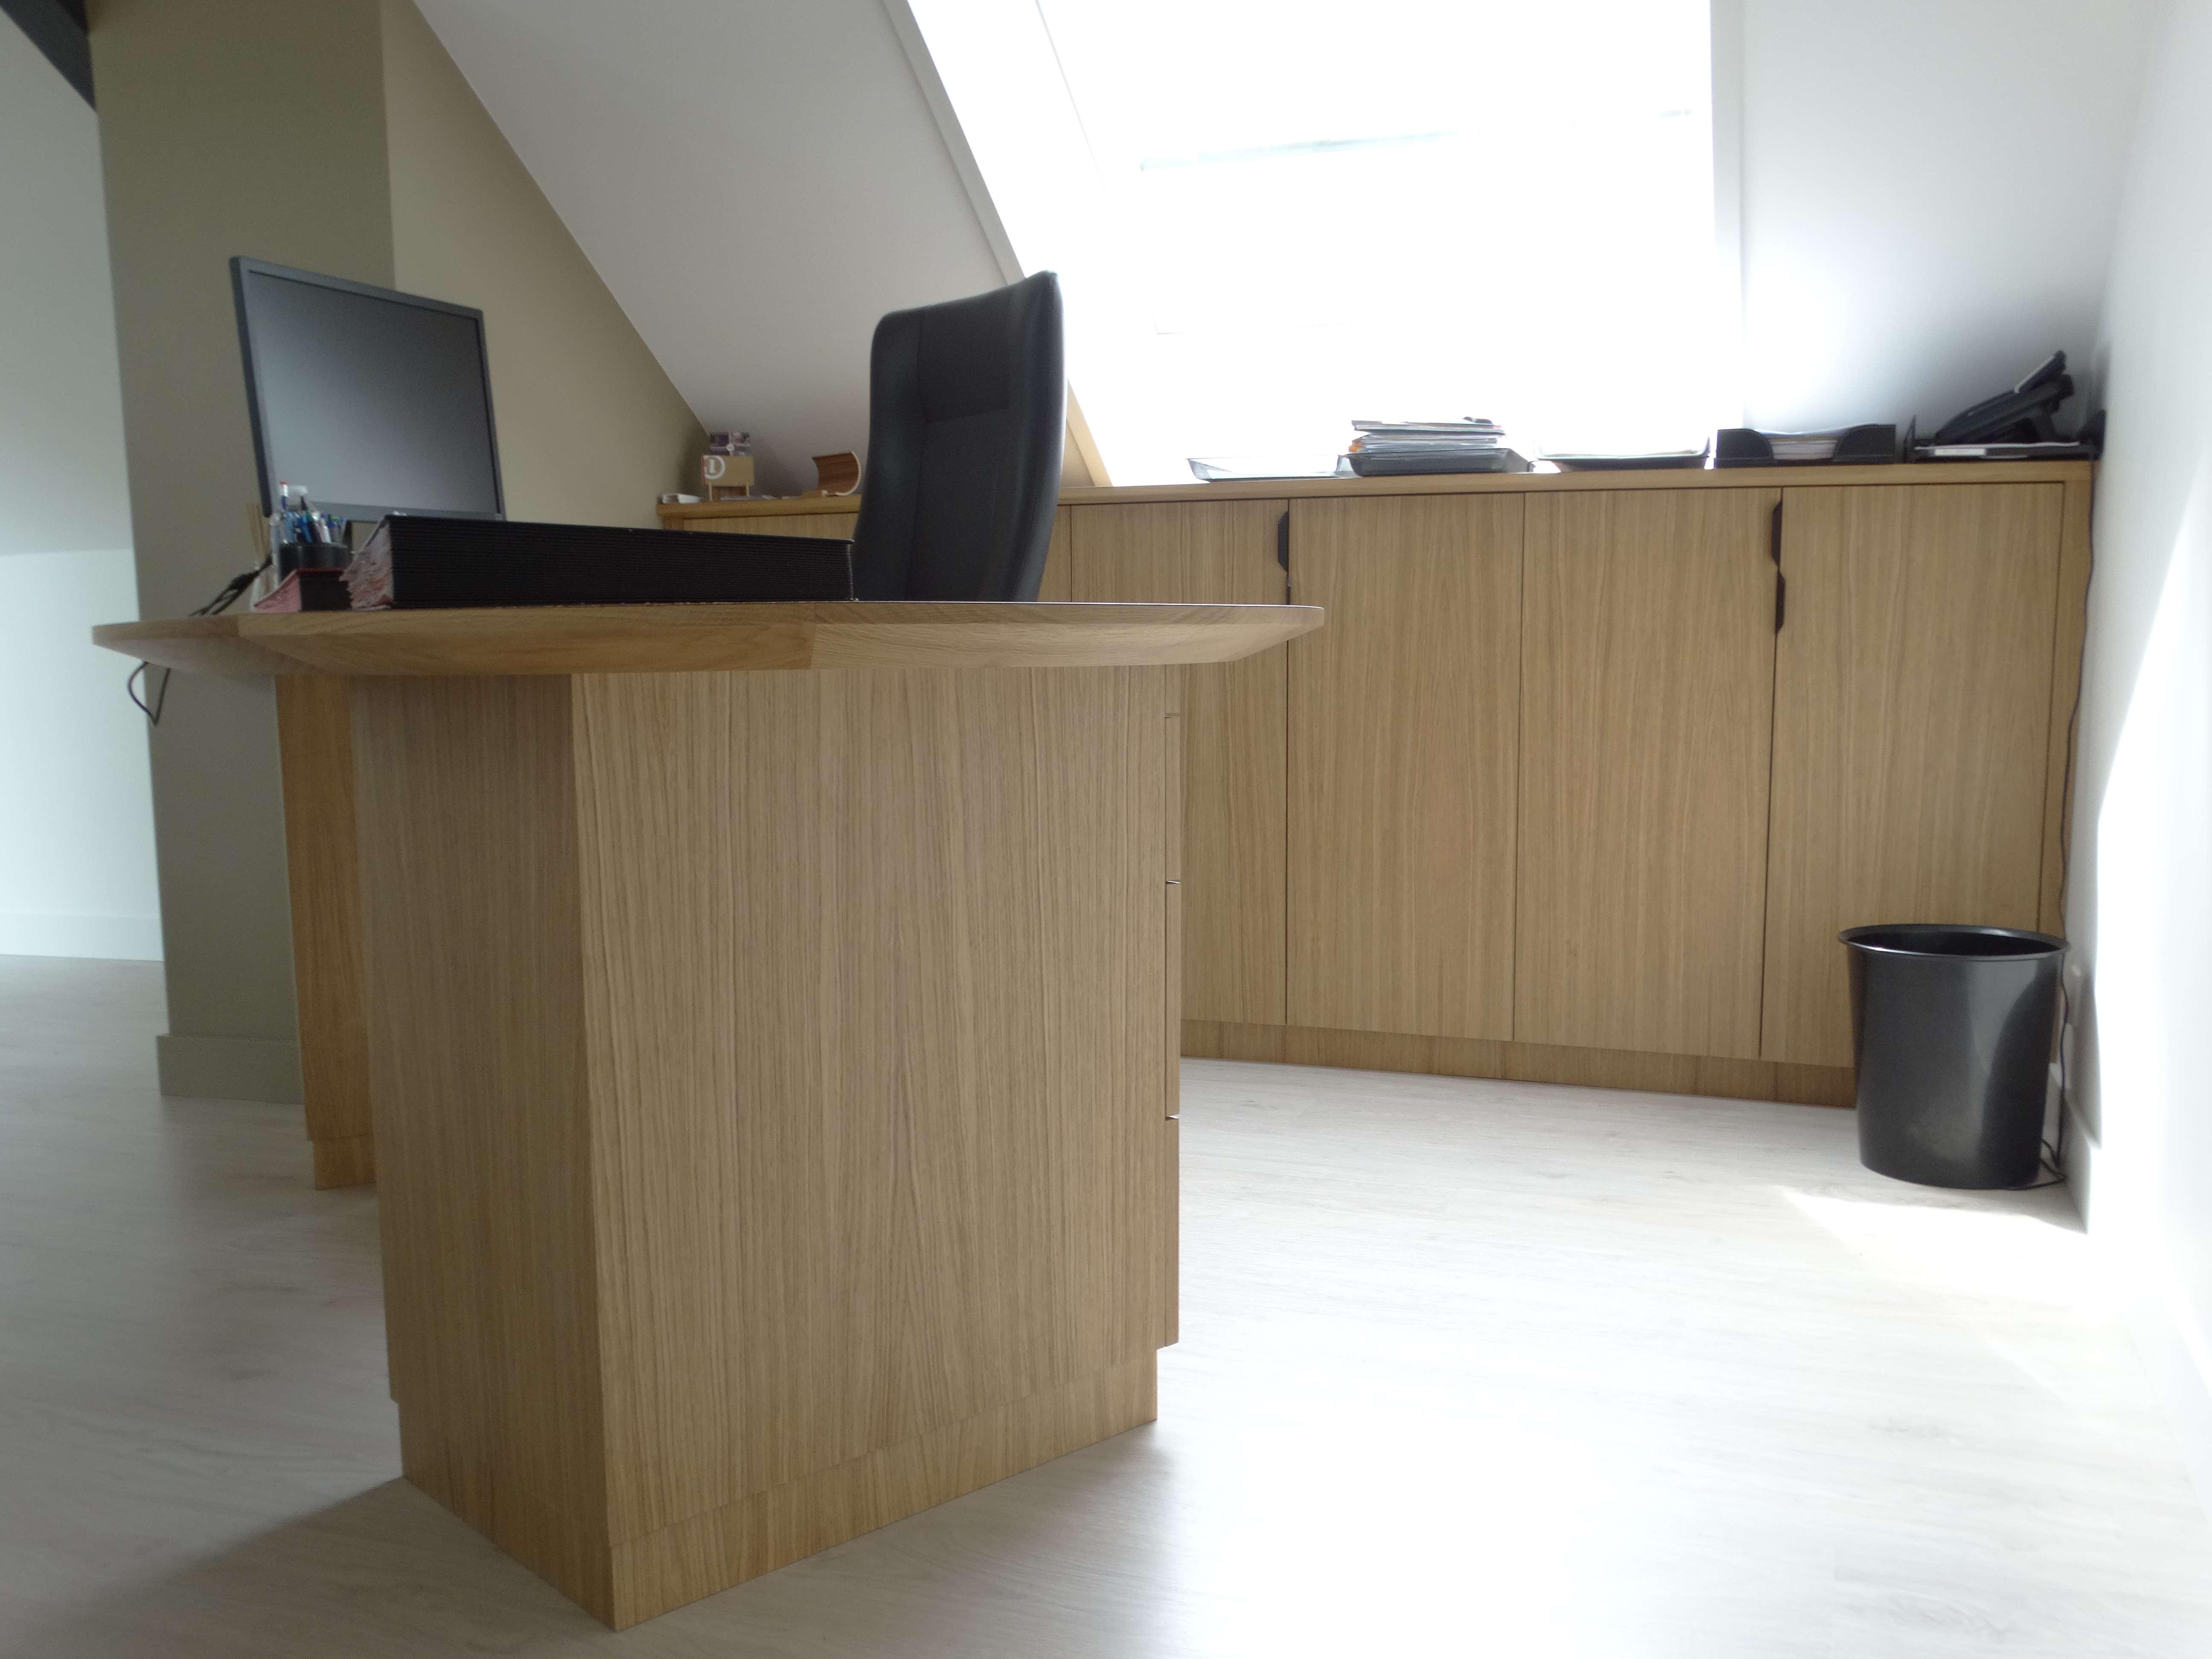 Bureau sur mesure en chêne - Bureau original mairie en bois zebrano et chêne